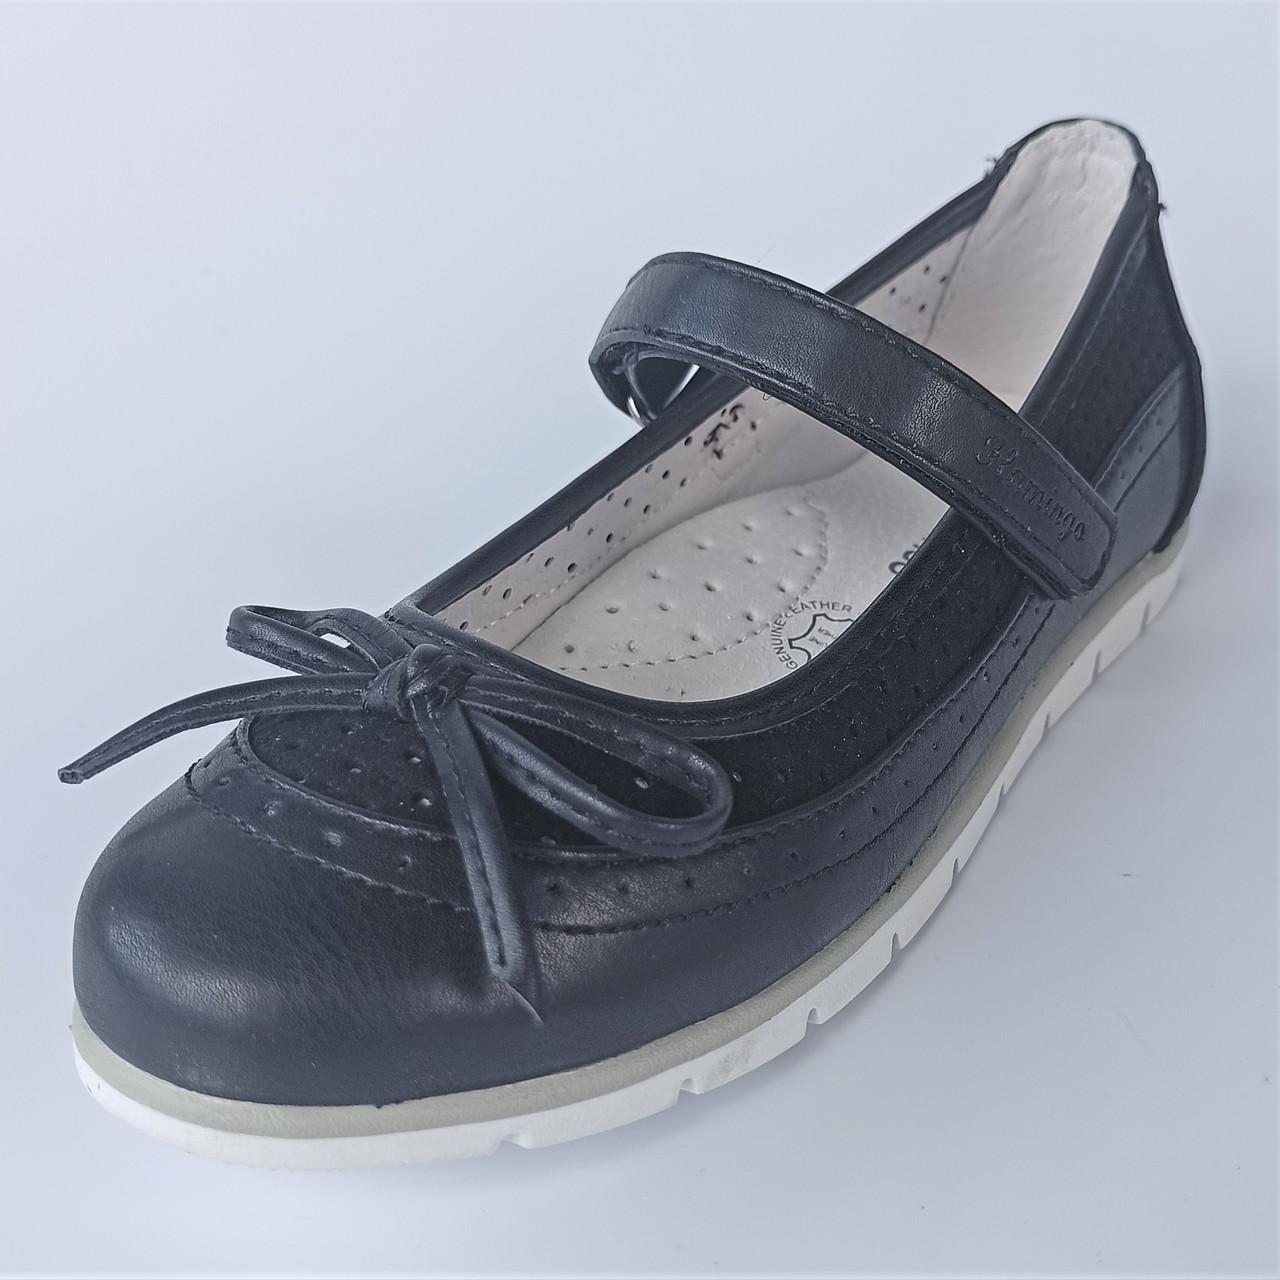 Туфлі з дрібною перфорацією, Flamingo (код 1333) розміри: 31-36